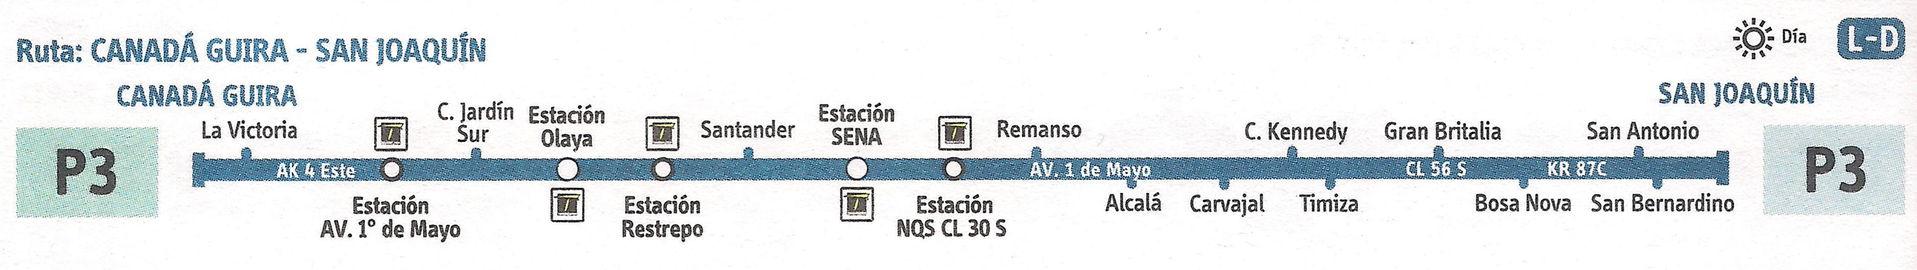 Ruta SITP: P3 Canada Güira ↔ San Bernardino Potreritos (San Joaquín) [Urbana] 1